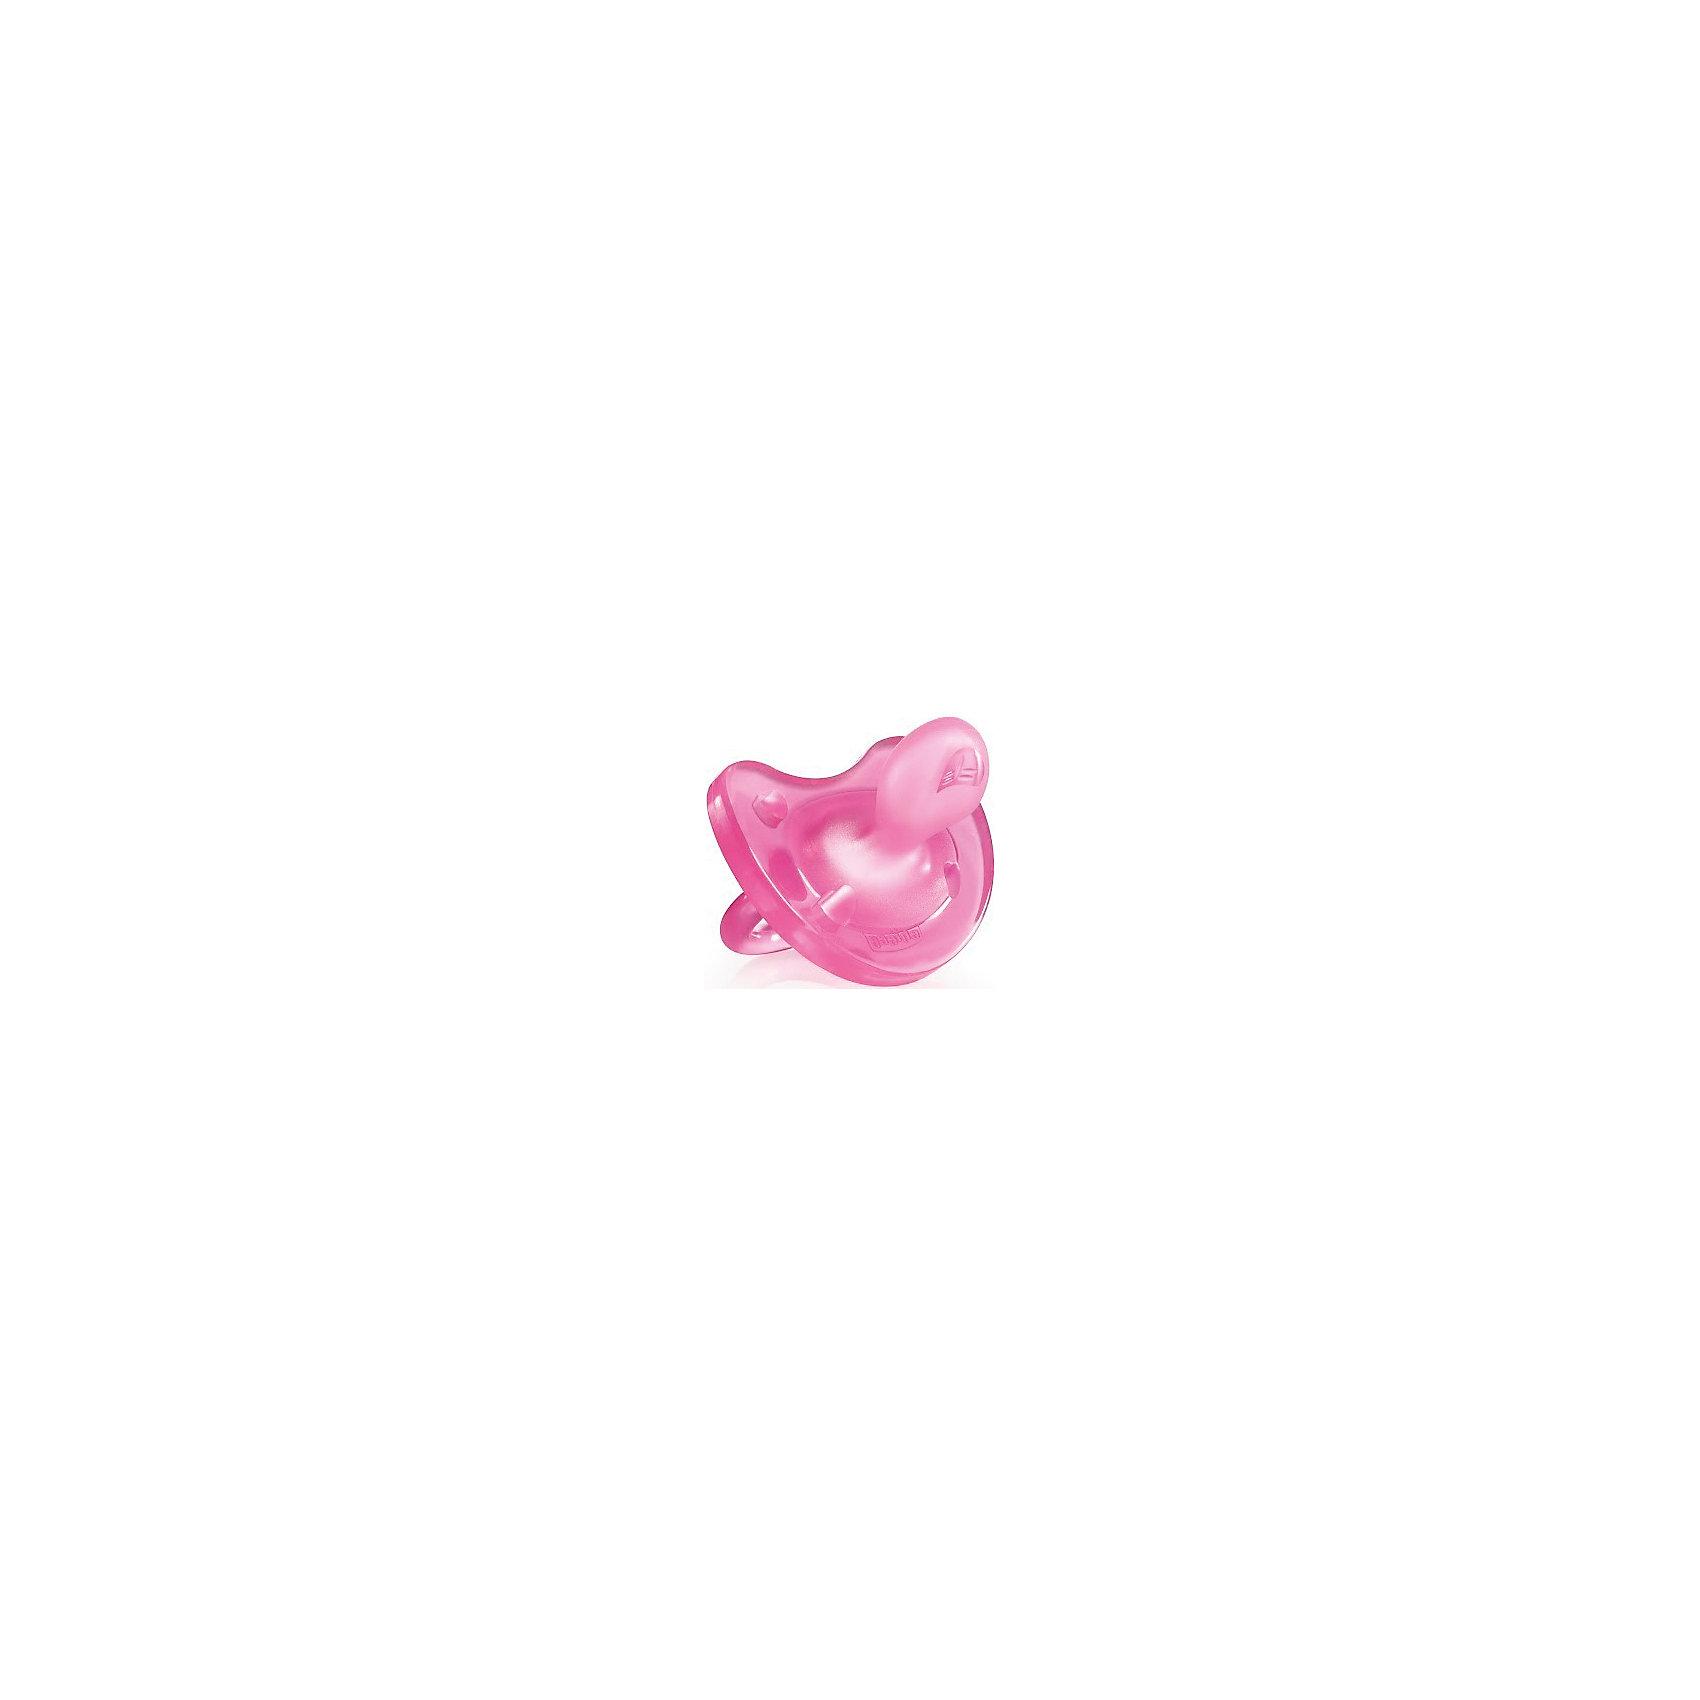 Силиконовая пустышка Physio Soft 6-12мес., CHICCO, розовыйЭта экстромягкая силиконовая пустышка создана специально для маленьких деток!<br>Она способствует правильному развитию неба, языка и зубок. А благодаря, своей мягкости, она совершенно не будет мешать ребенку спать. <br><br>Дополнительная информация:<br><br>- Возраст: от 6 до 12 месяцев.<br>- Цвет: розовый.<br>- Материал: силикон.<br><br>Купить пустышку Physio Soft (6-12мес.) в розовом цвете, можно в нашем магазине.<br><br>Ширина мм: 145<br>Глубина мм: 90<br>Высота мм: 50<br>Вес г: 13<br>Возраст от месяцев: 6<br>Возраст до месяцев: 12<br>Пол: Унисекс<br>Возраст: Детский<br>SKU: 4944250